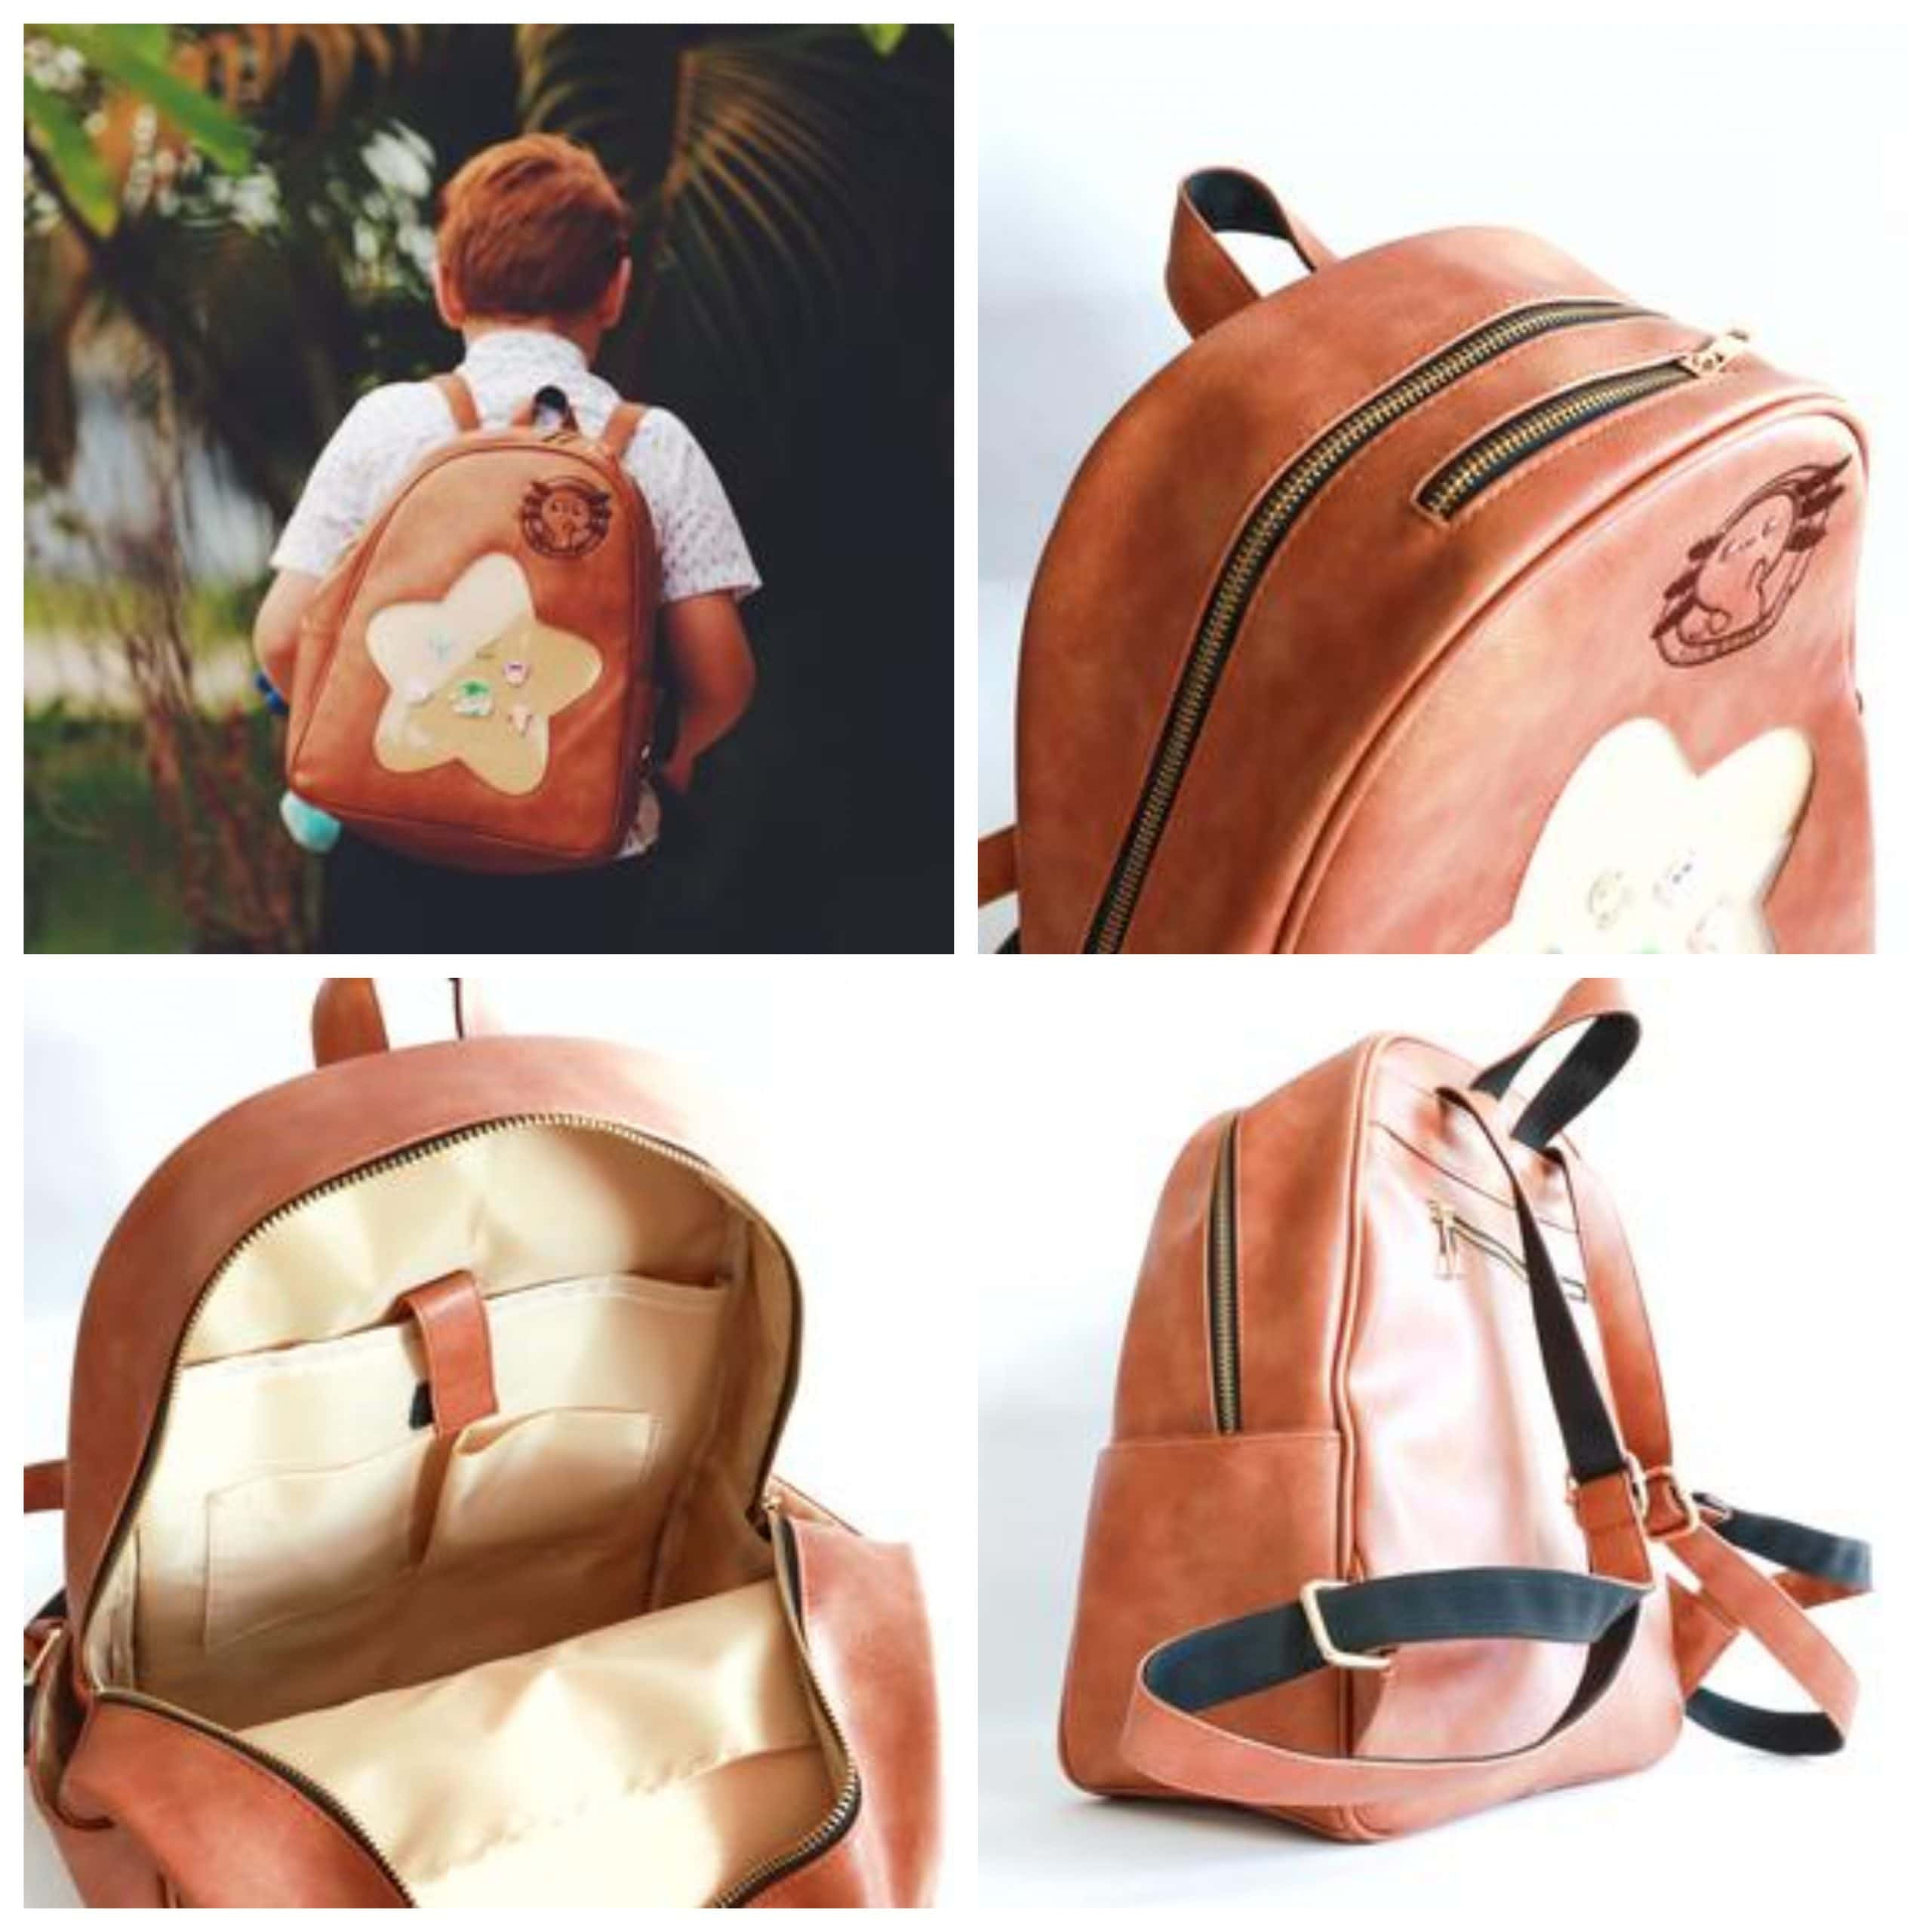 Axol & Friends: World Changer Adventure Backpack